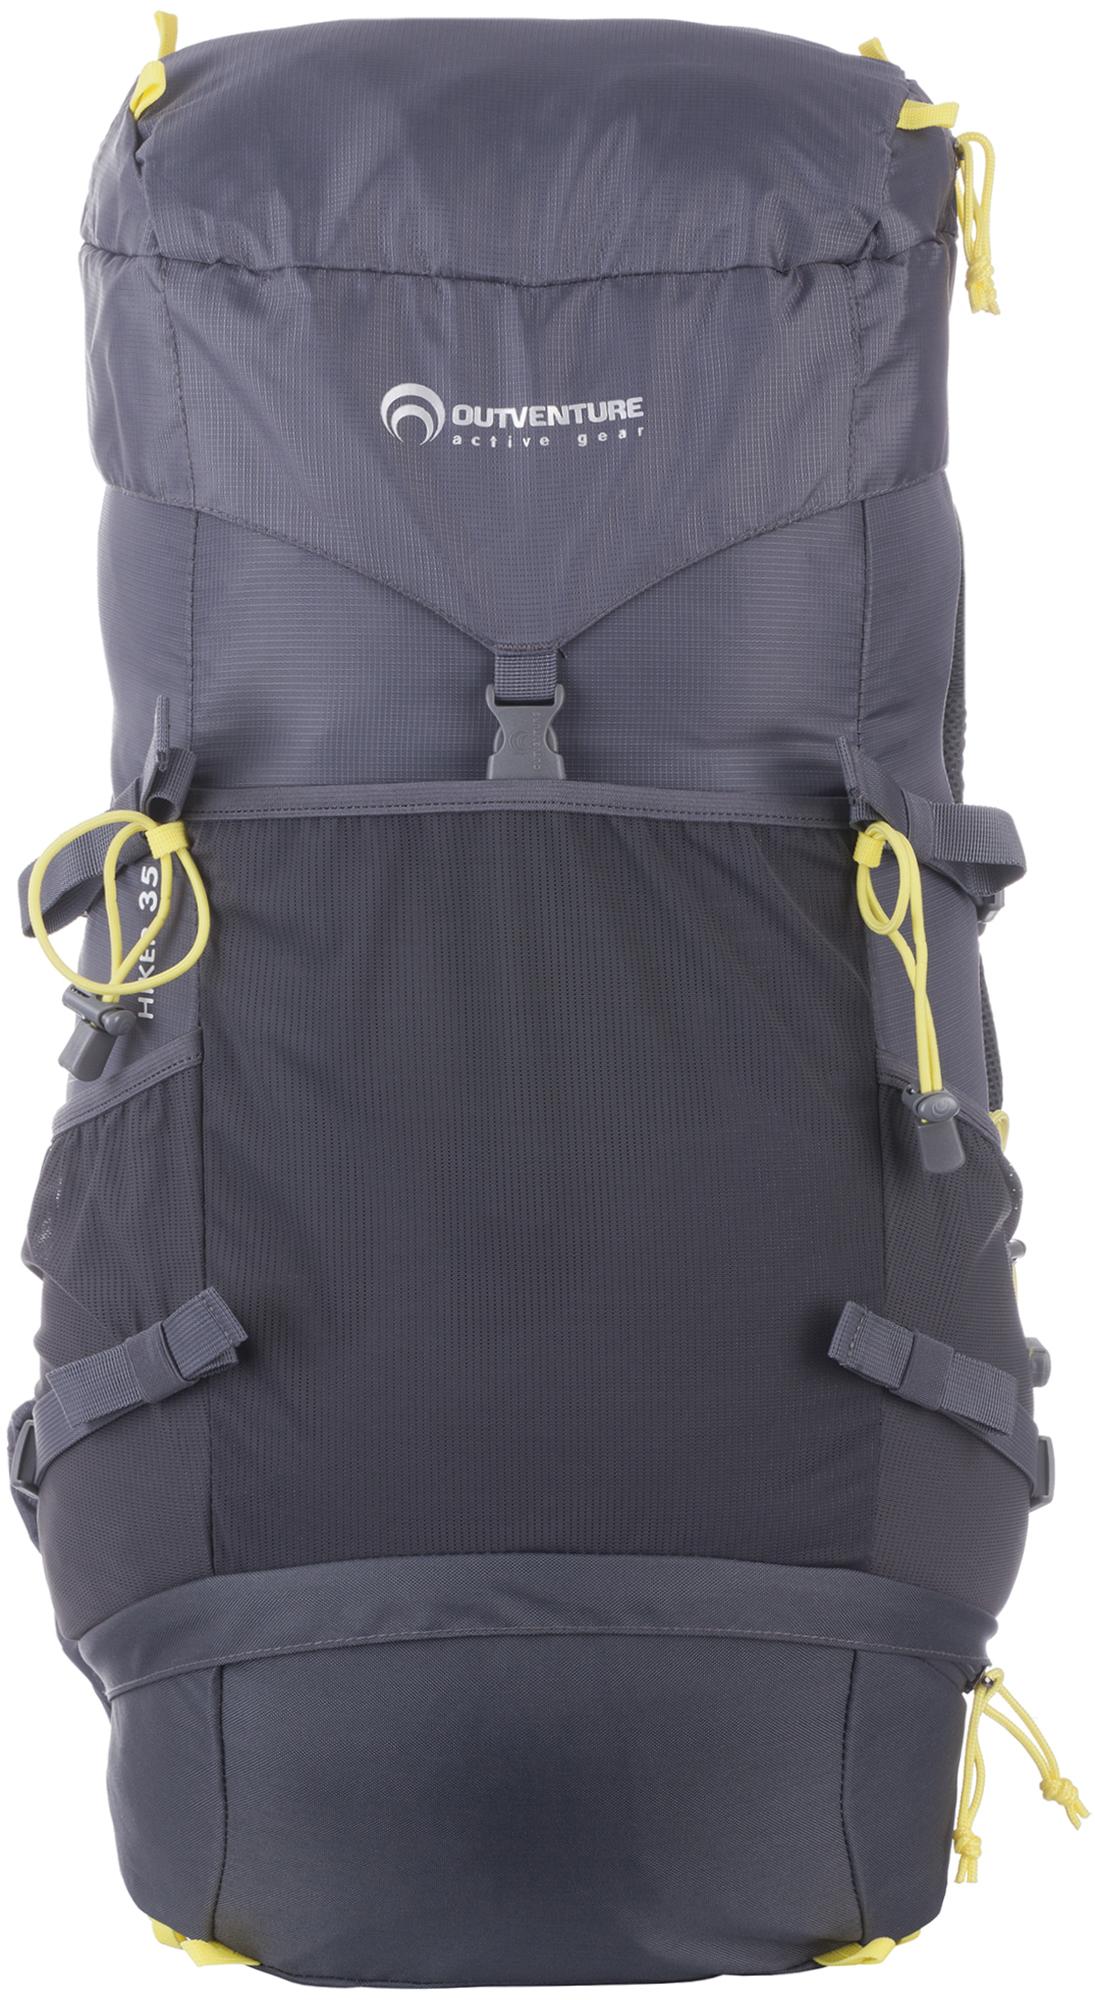 Outventure Outventure New Hiker 35